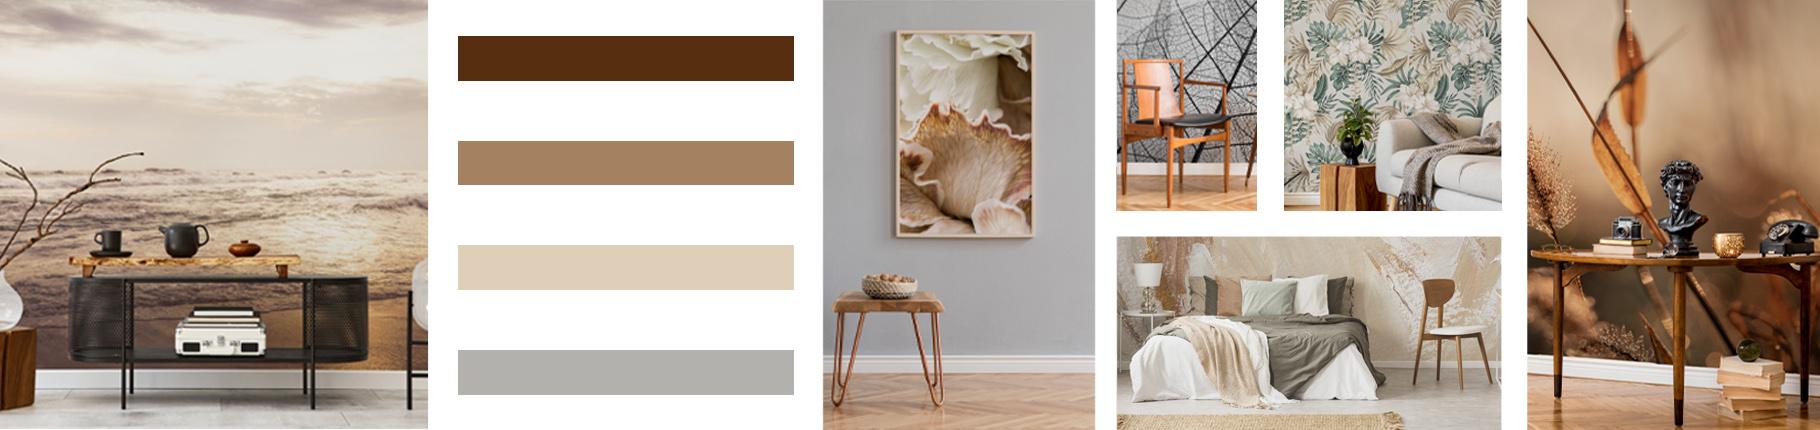 Como escolher uma decoração de parede?